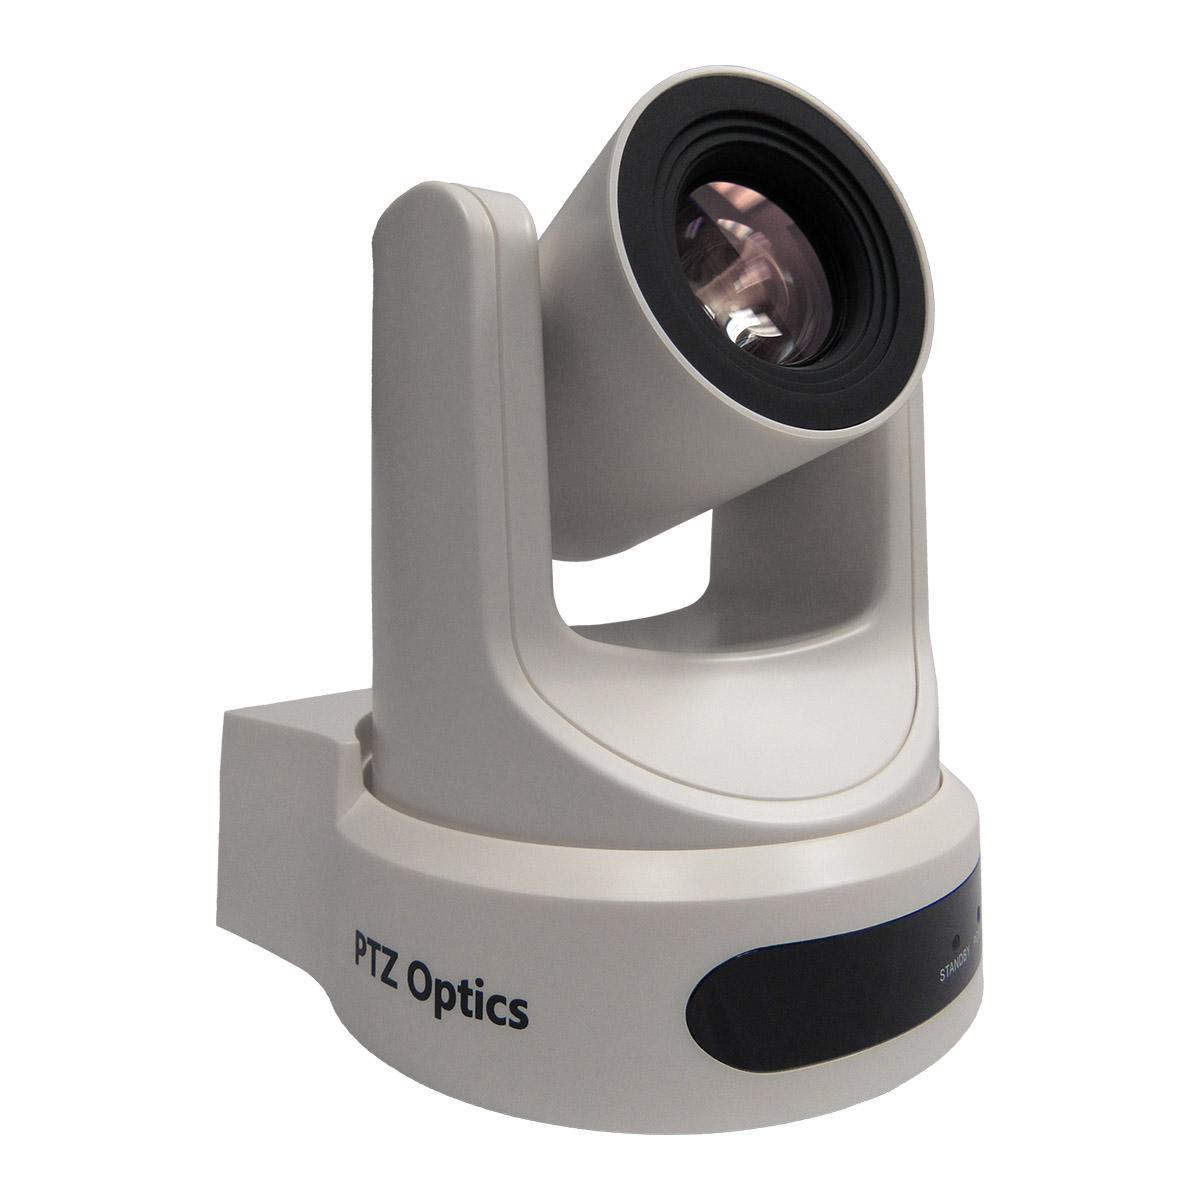 PTZOptics 20x SDI PTZ Camera (White) PT20X-SDI-WH-G2-I